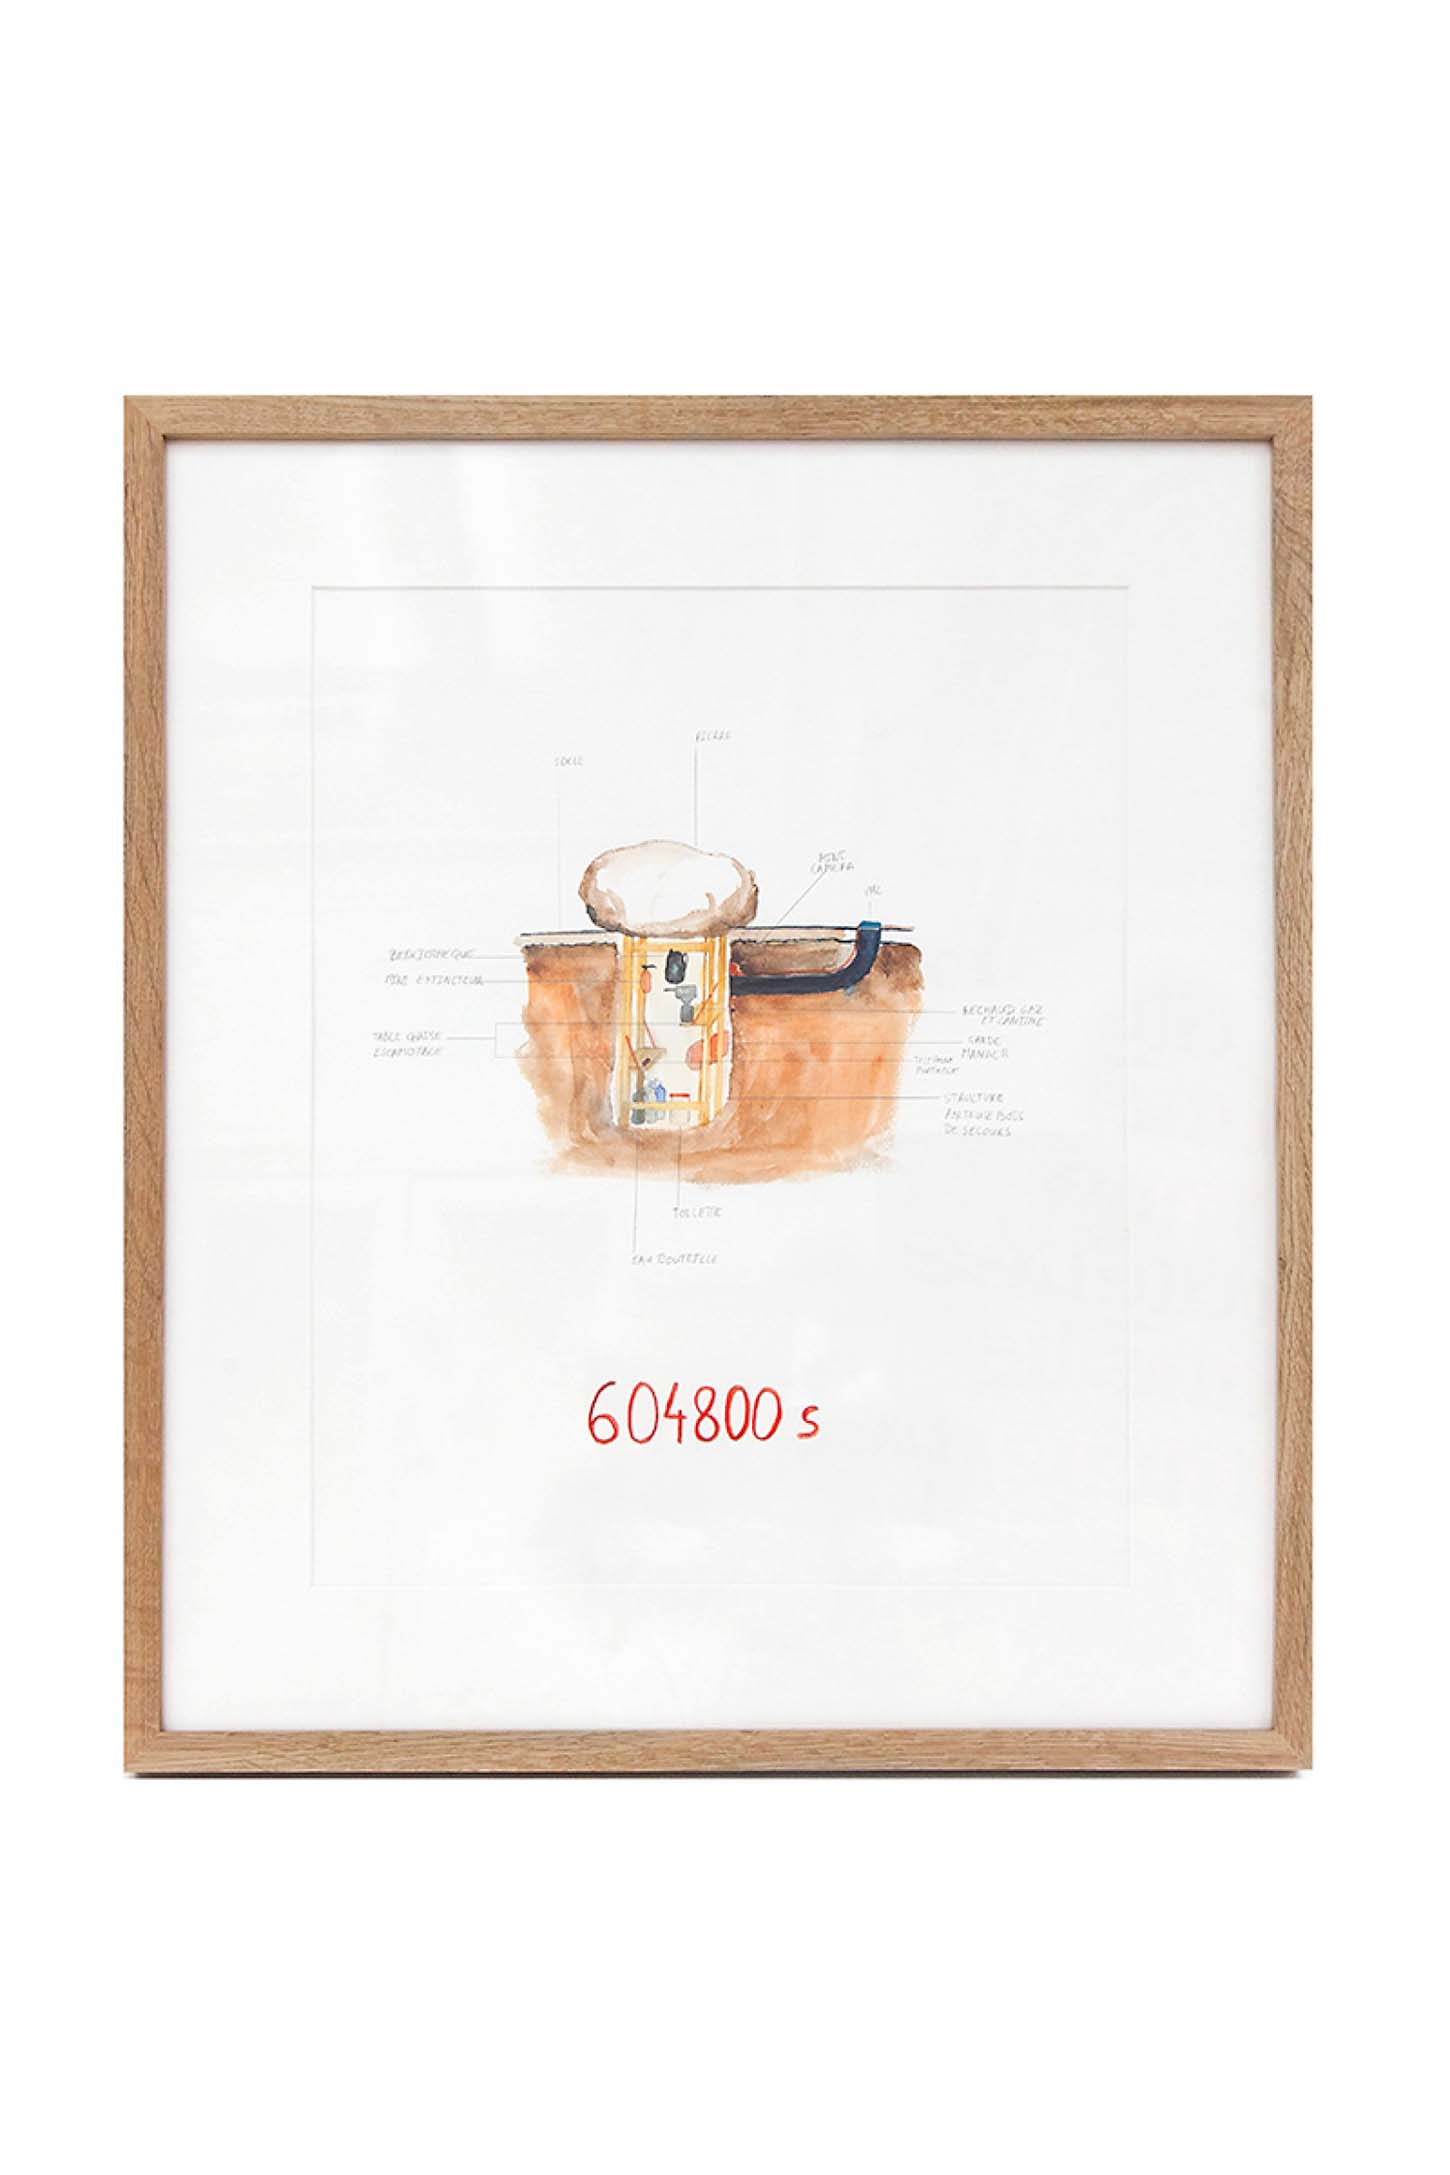 La galerie: La IIIe narine Abraham Poincheval 604800 s, 2012 Crayon et aquarelle sur papier, 50 x 30 cm Courtesy : Gal. Semiose